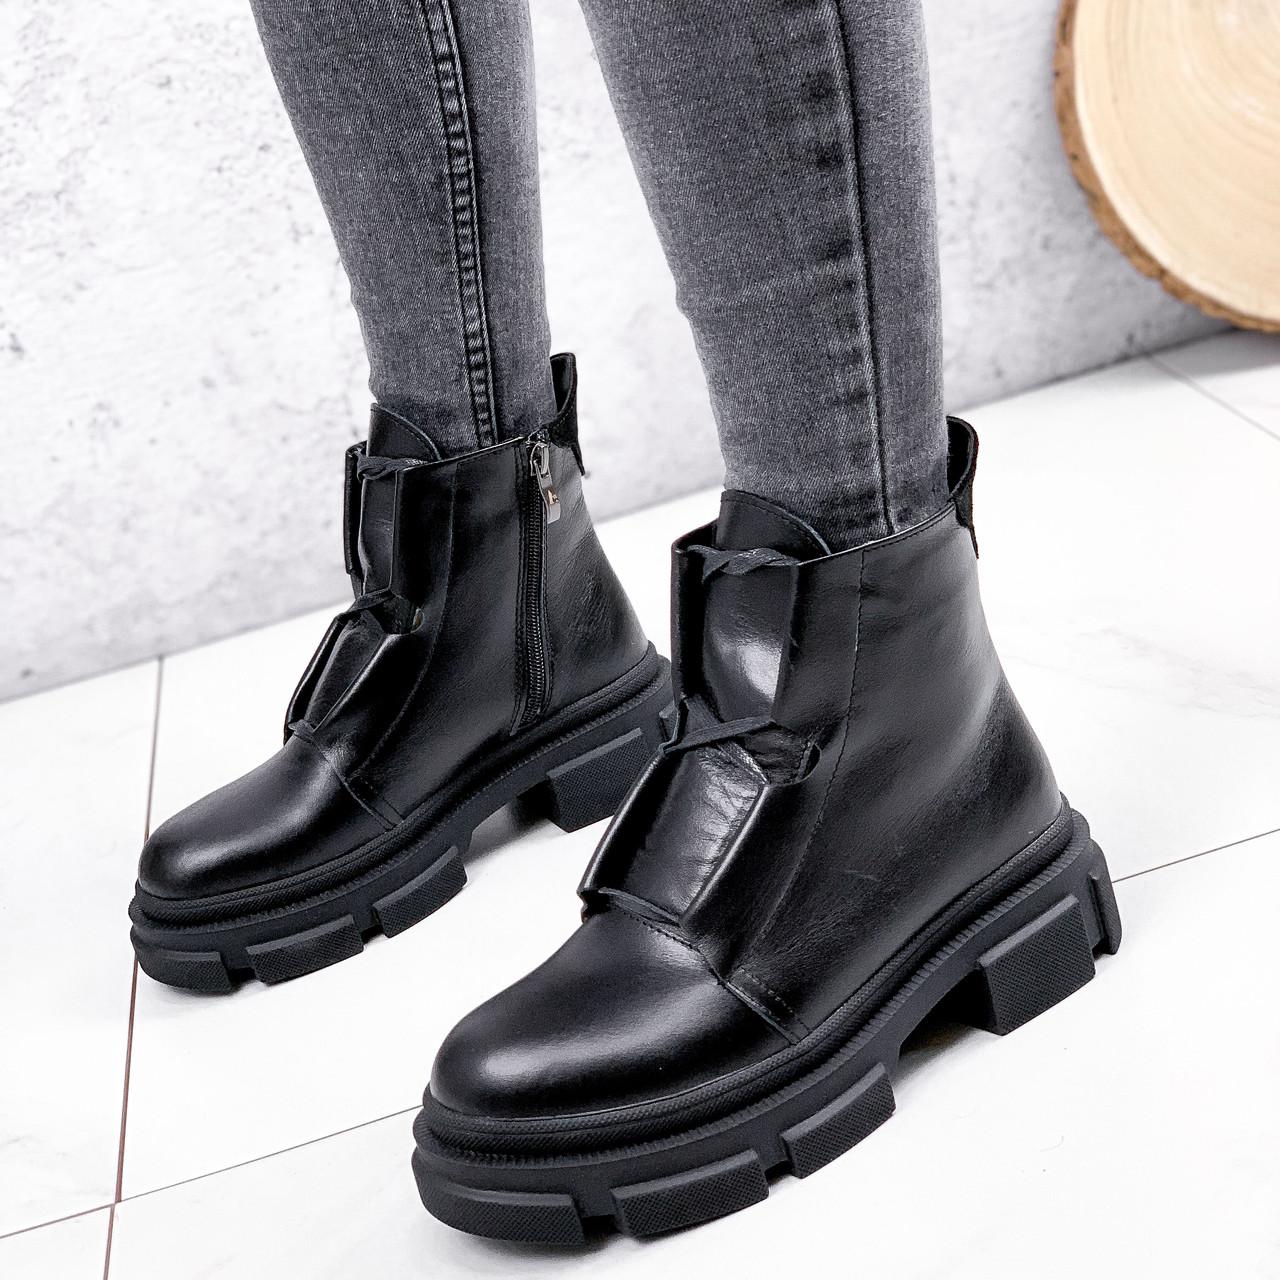 Ботинки женские Plesh черные ЗИМА 2517